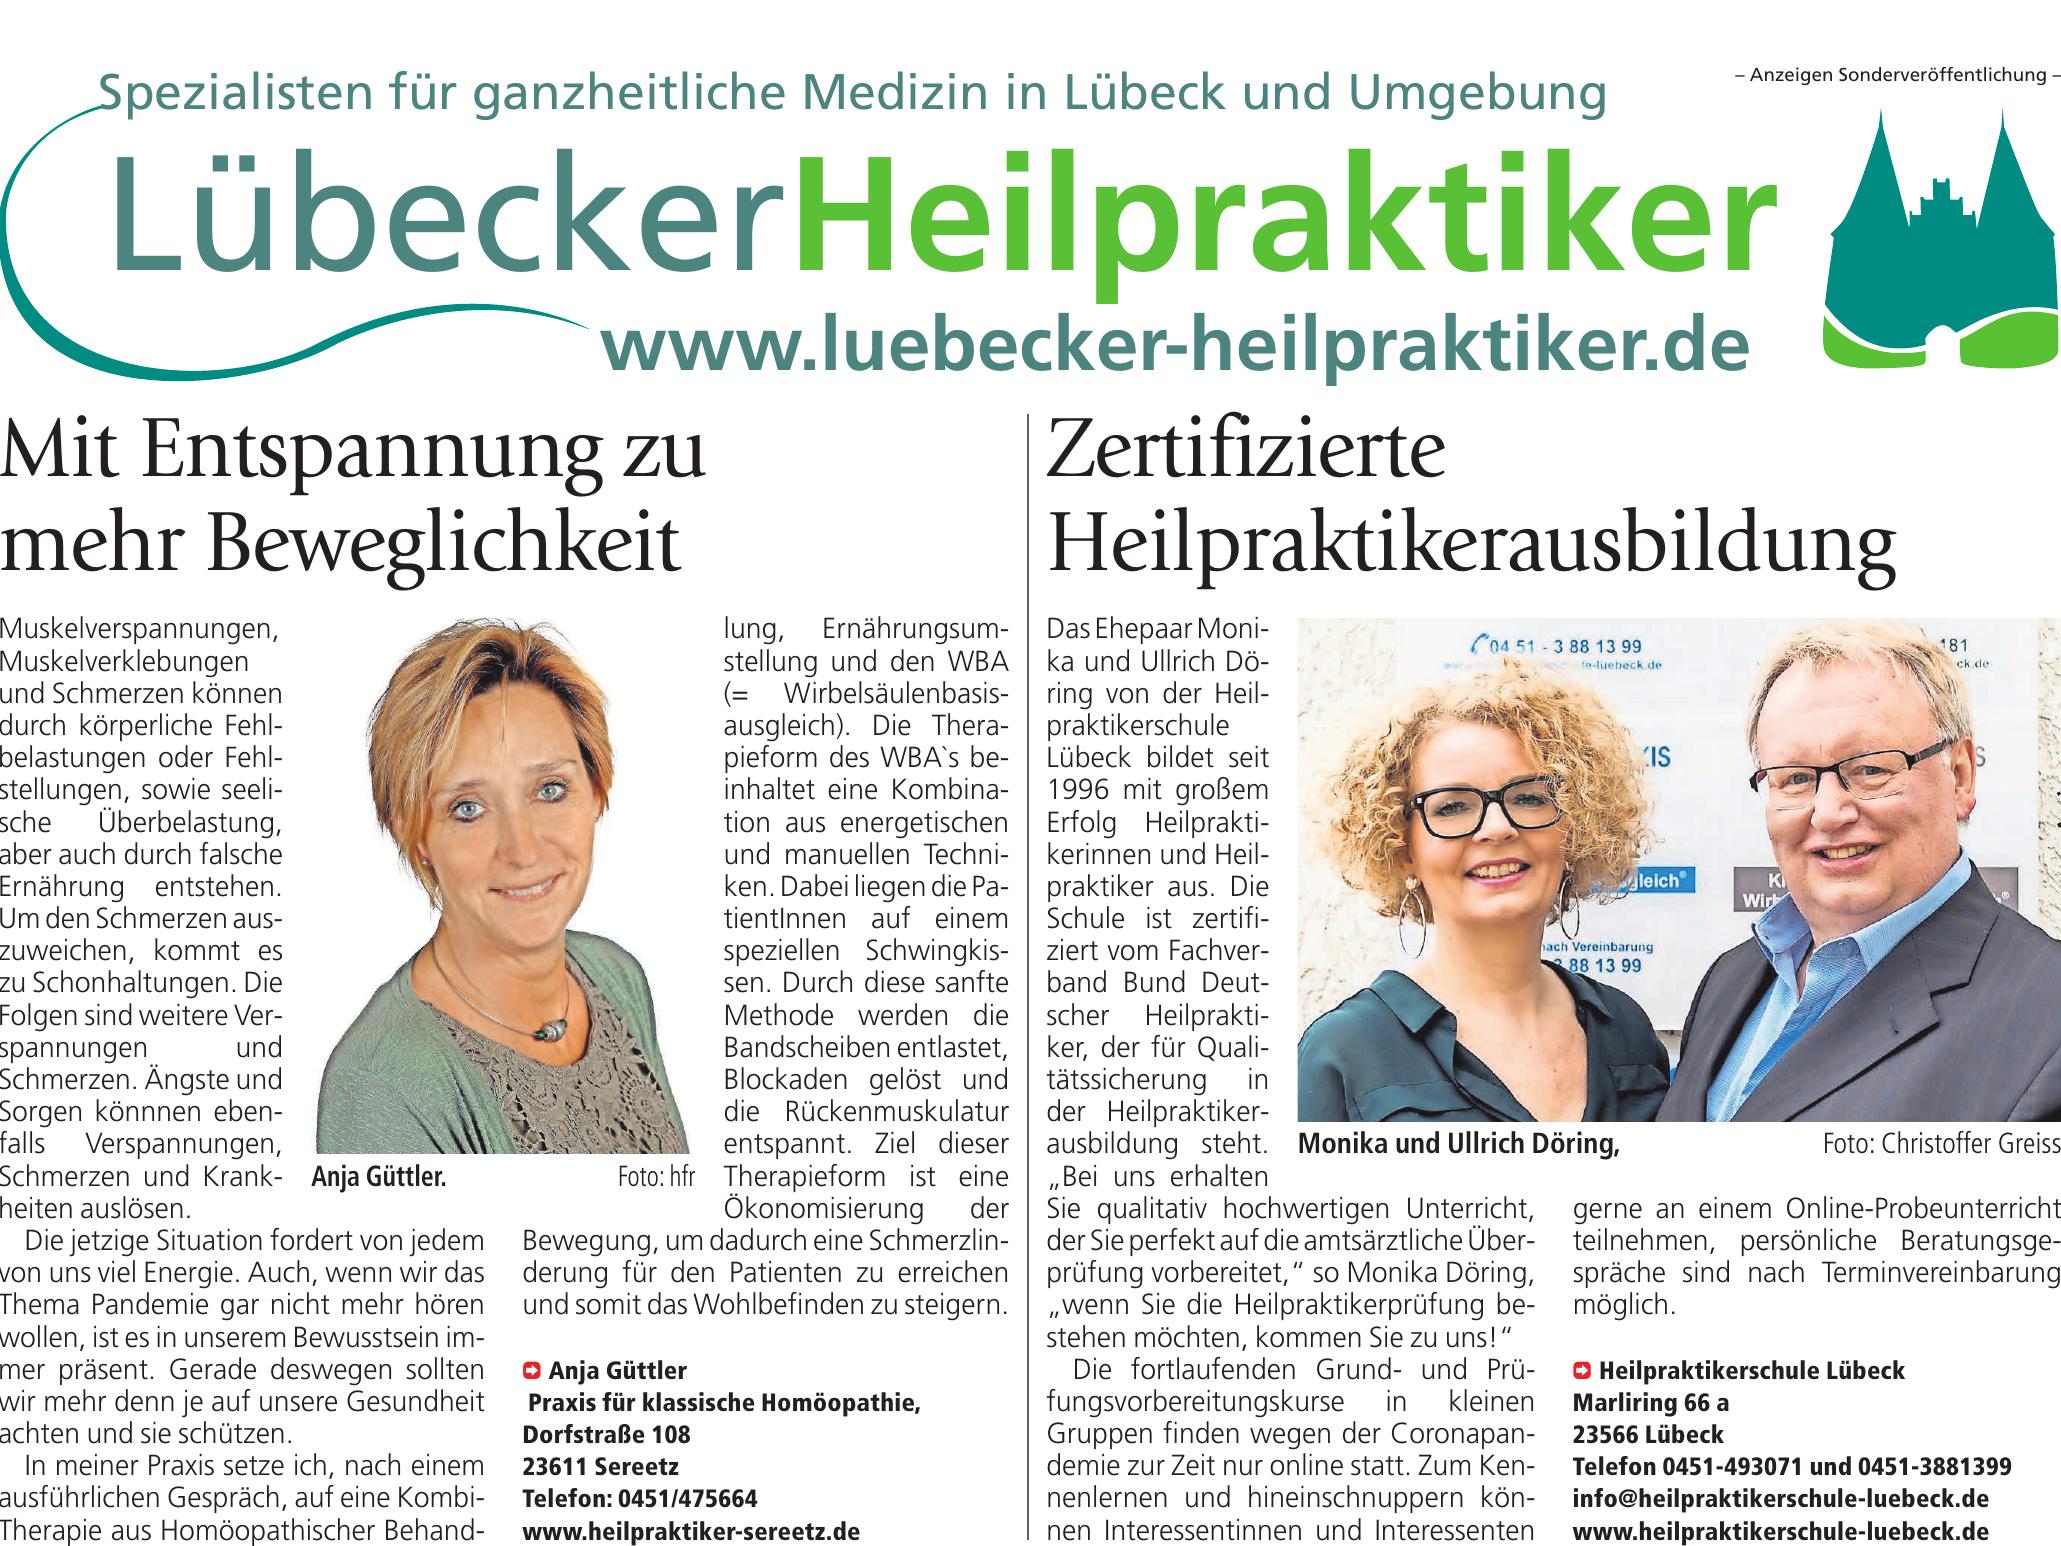 Lübecker Heilpraktiker